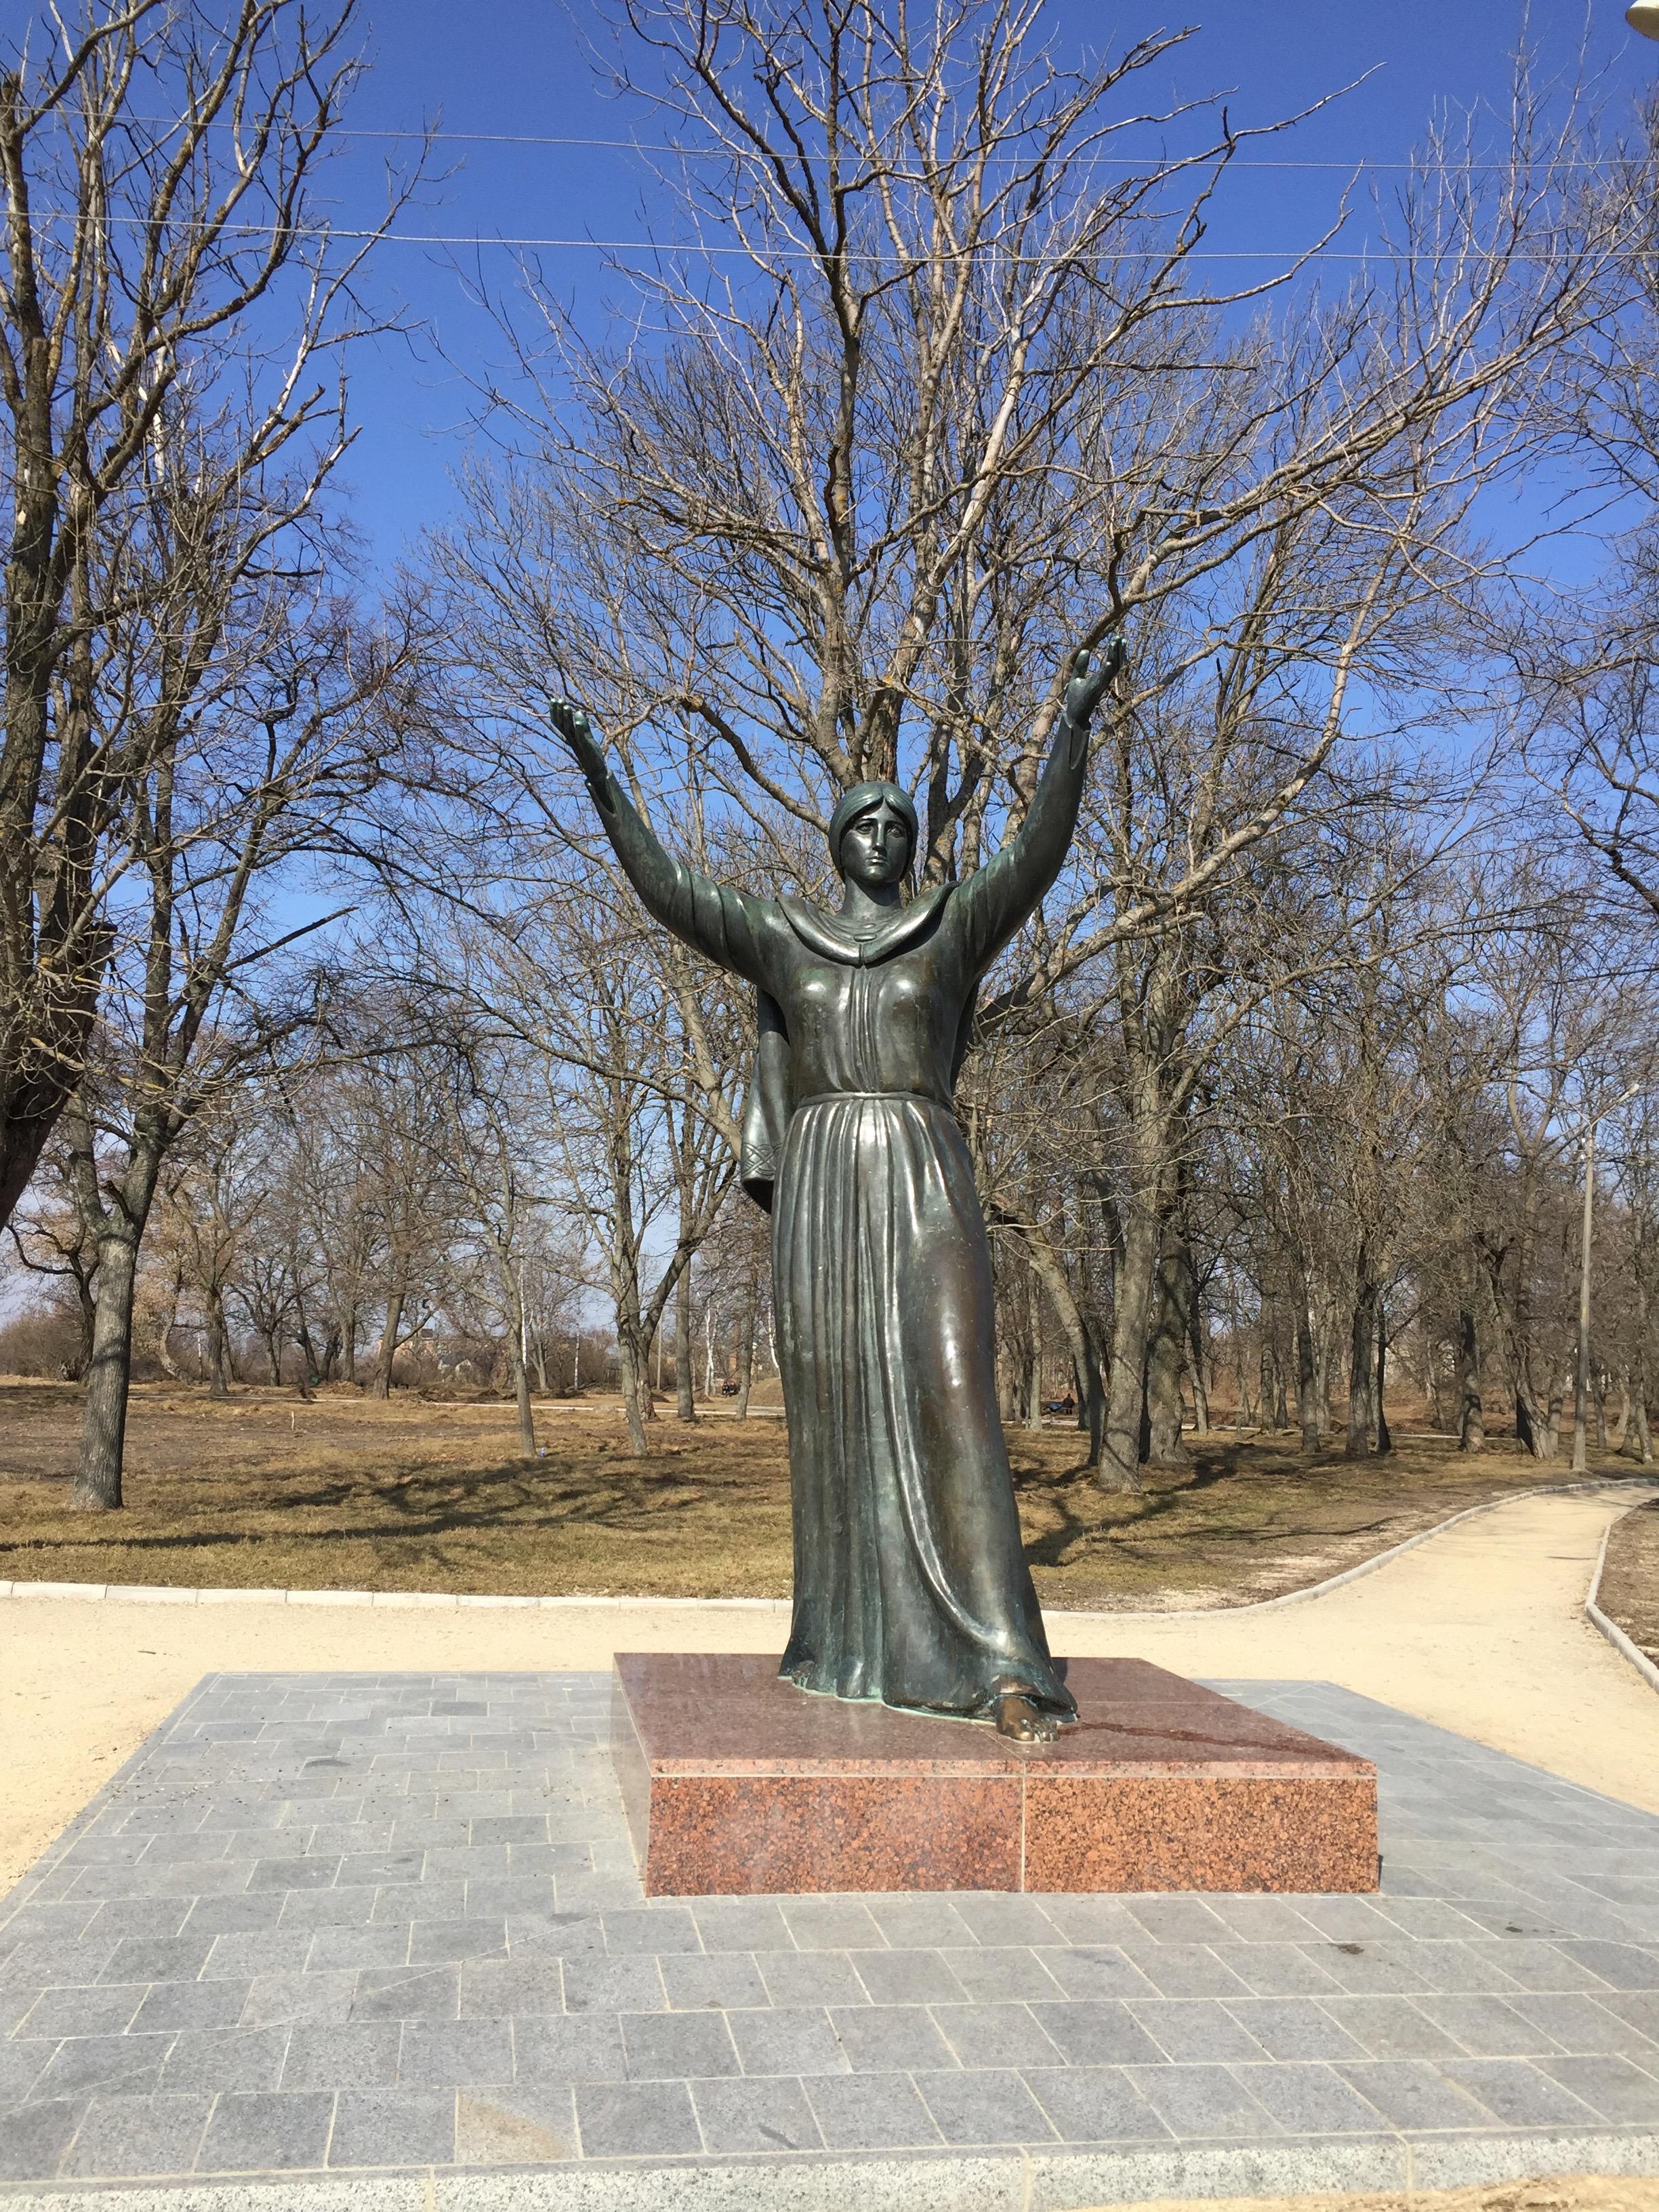 イーゴリ公の妻ヤロスラーヴァナの銅像